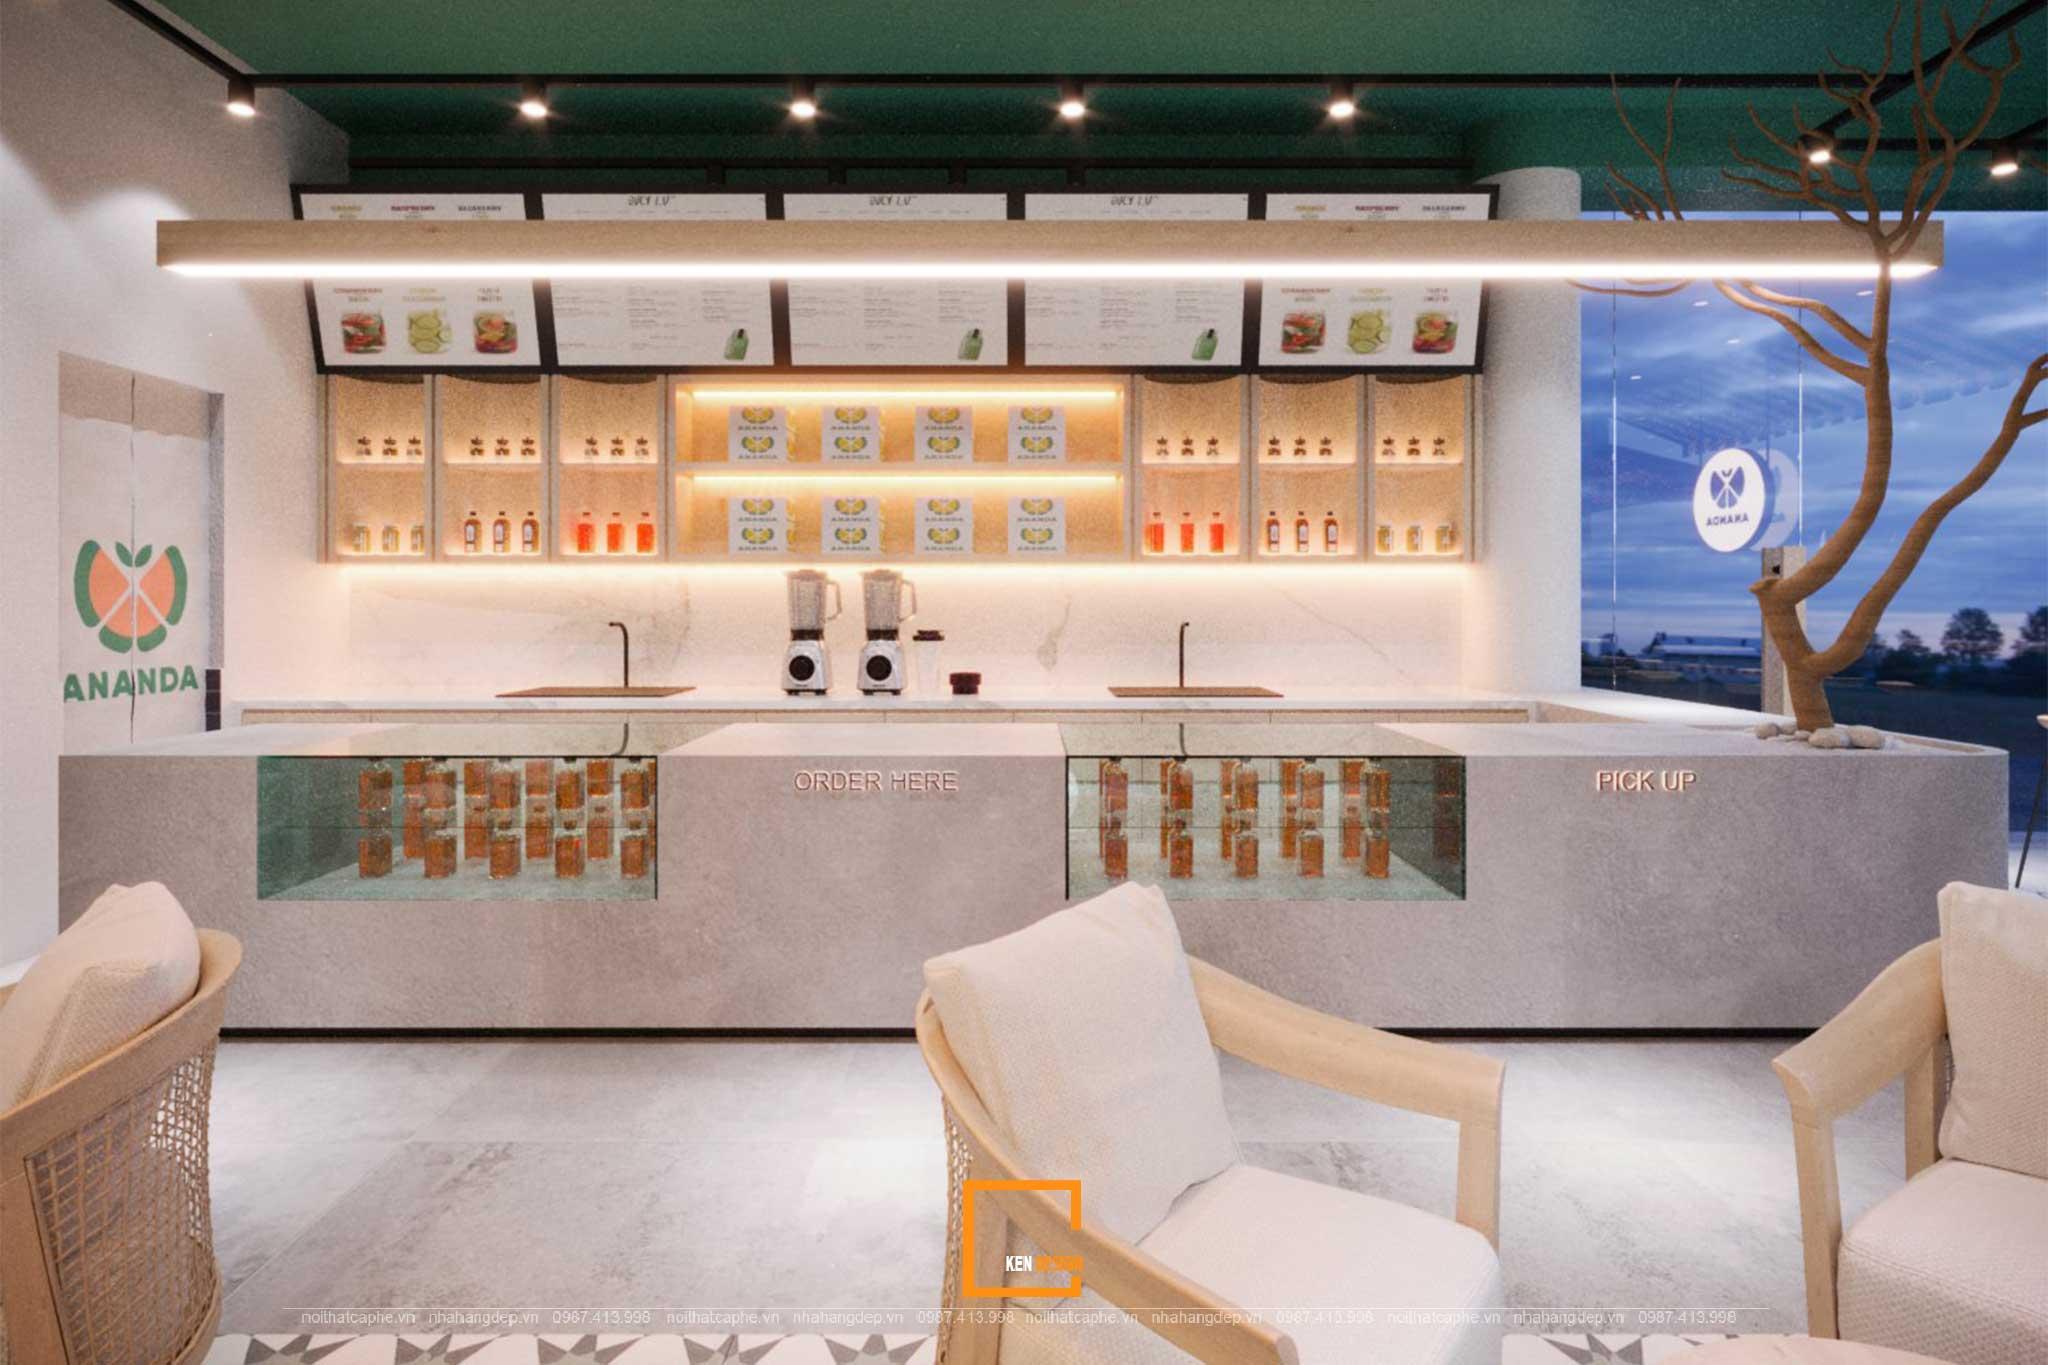 thiết kế quầy bar tiệm trái cây Ananda Fruits